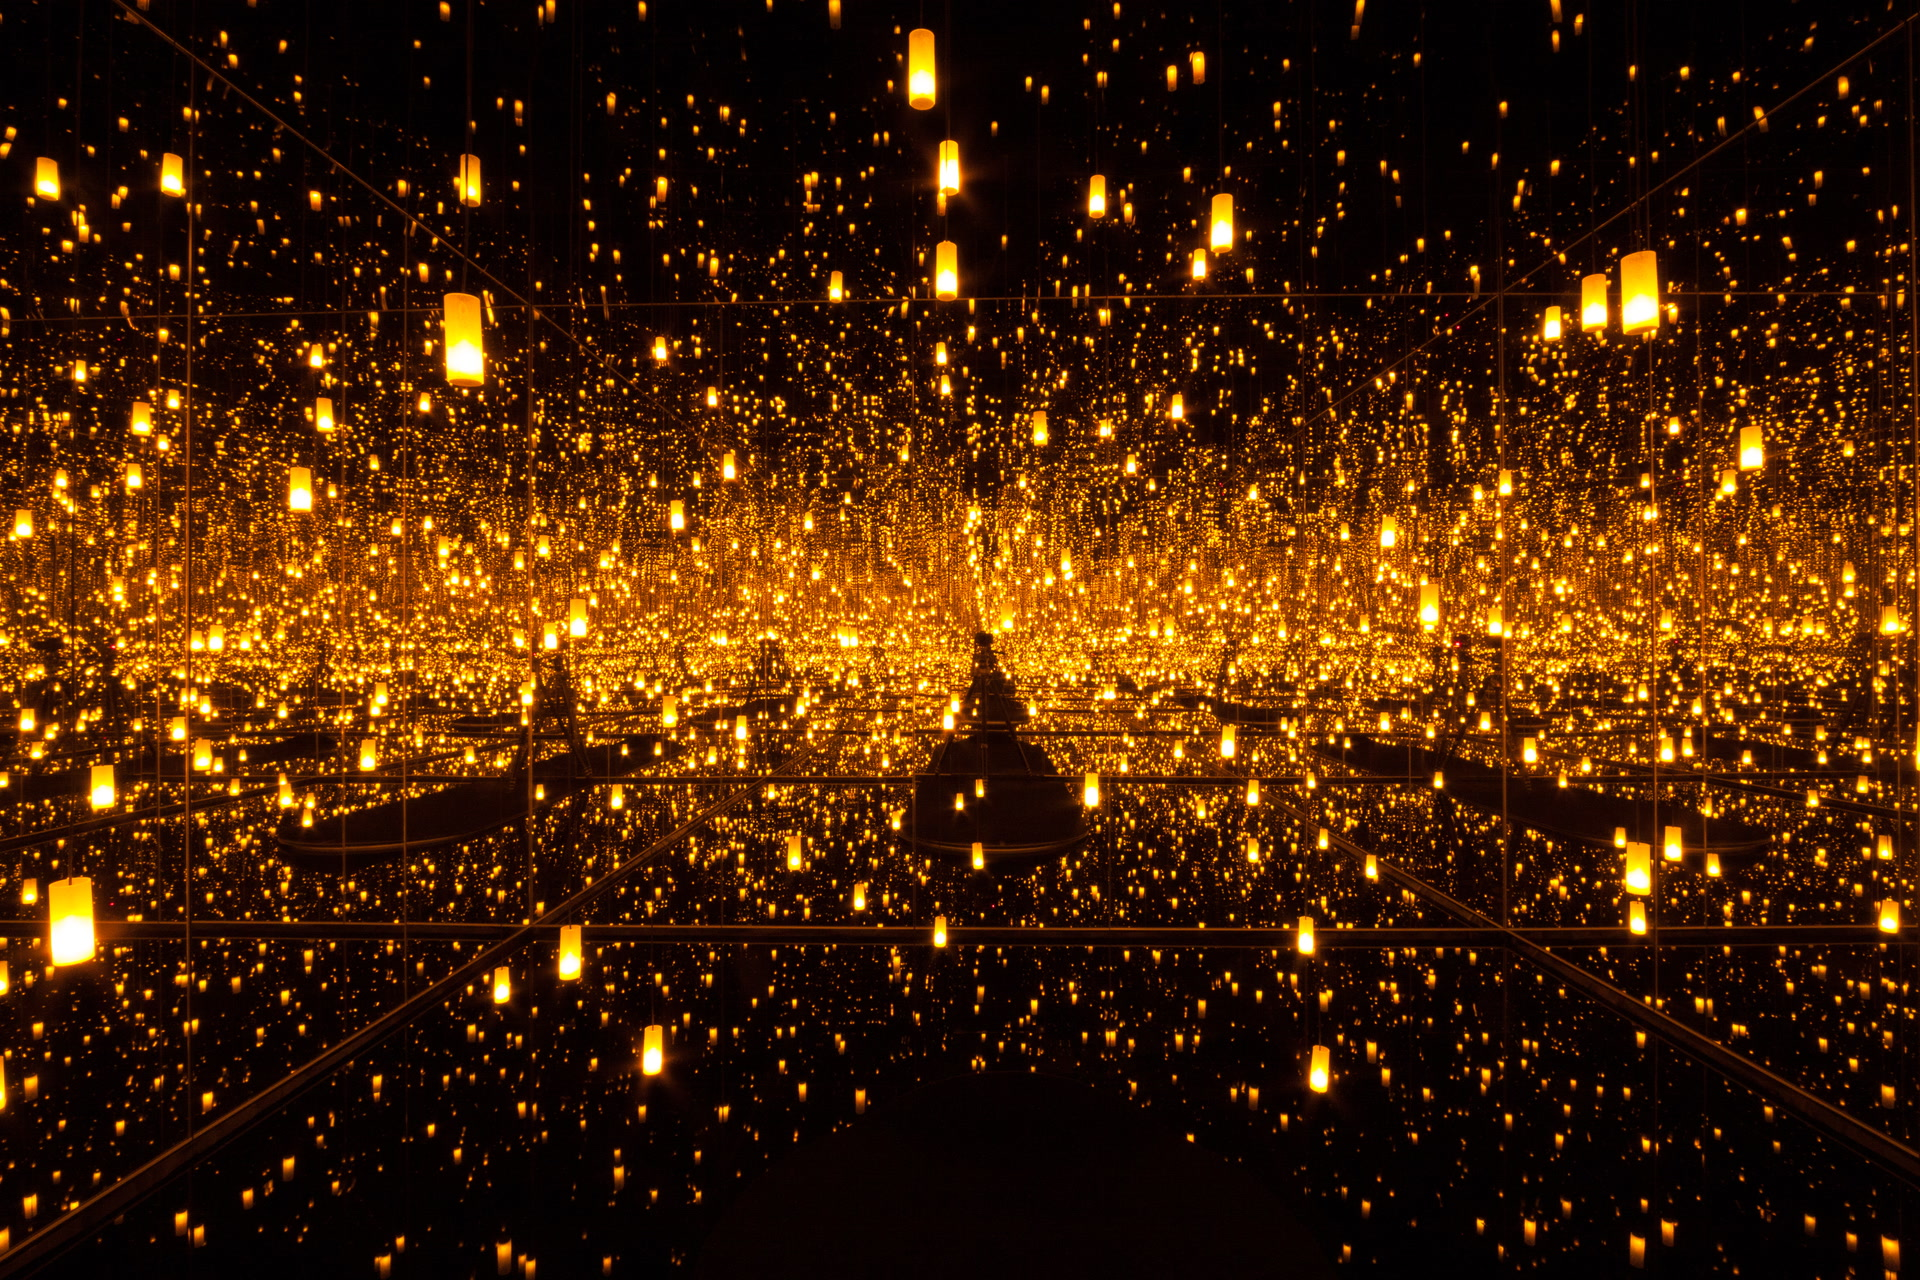 Infinity Room Exhibit Opens At Las Vegas Strip Gallery